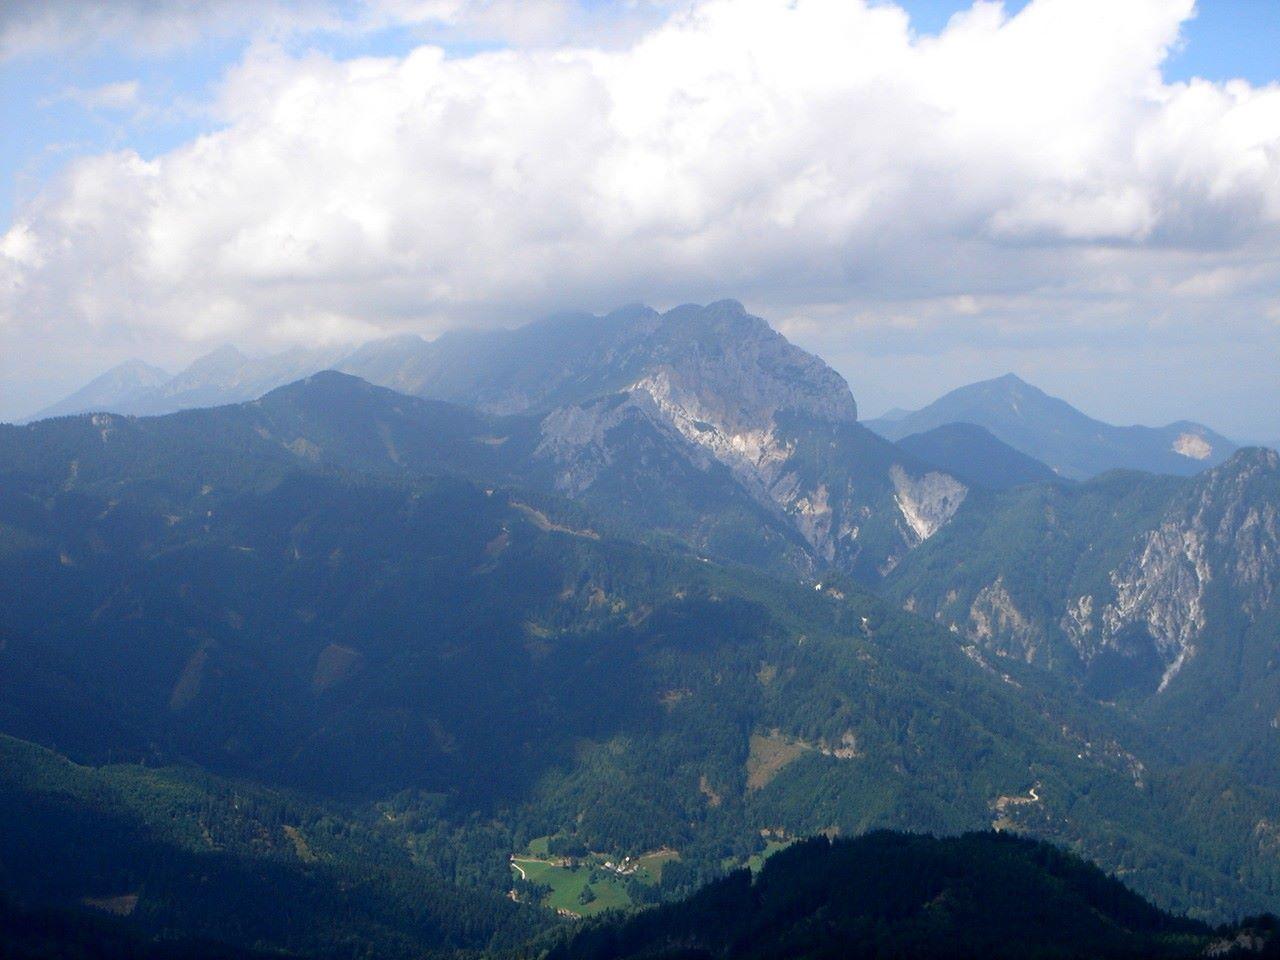 Foto: Manfred Karl / Wander Tour / Über den Krainersteig auf den Kärntner Storschitz / Blick hinüber zur Koschuta. / 03.06.2007 18:03:44